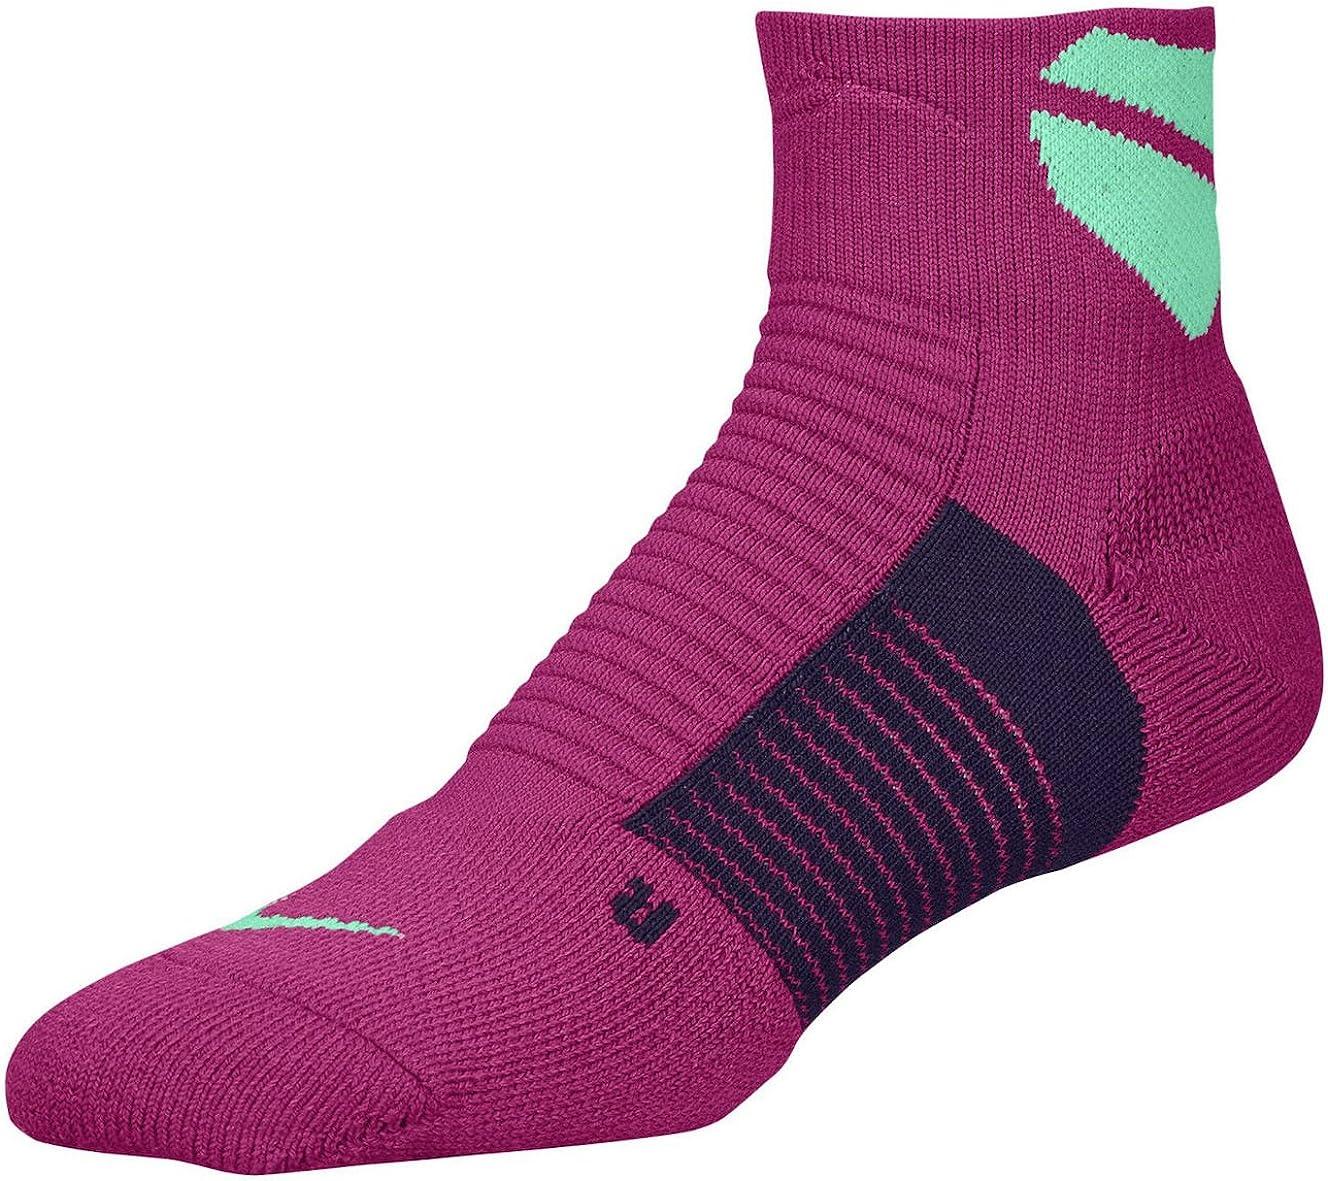 Kobe 8 Pit Viper Low Cut Socks Women